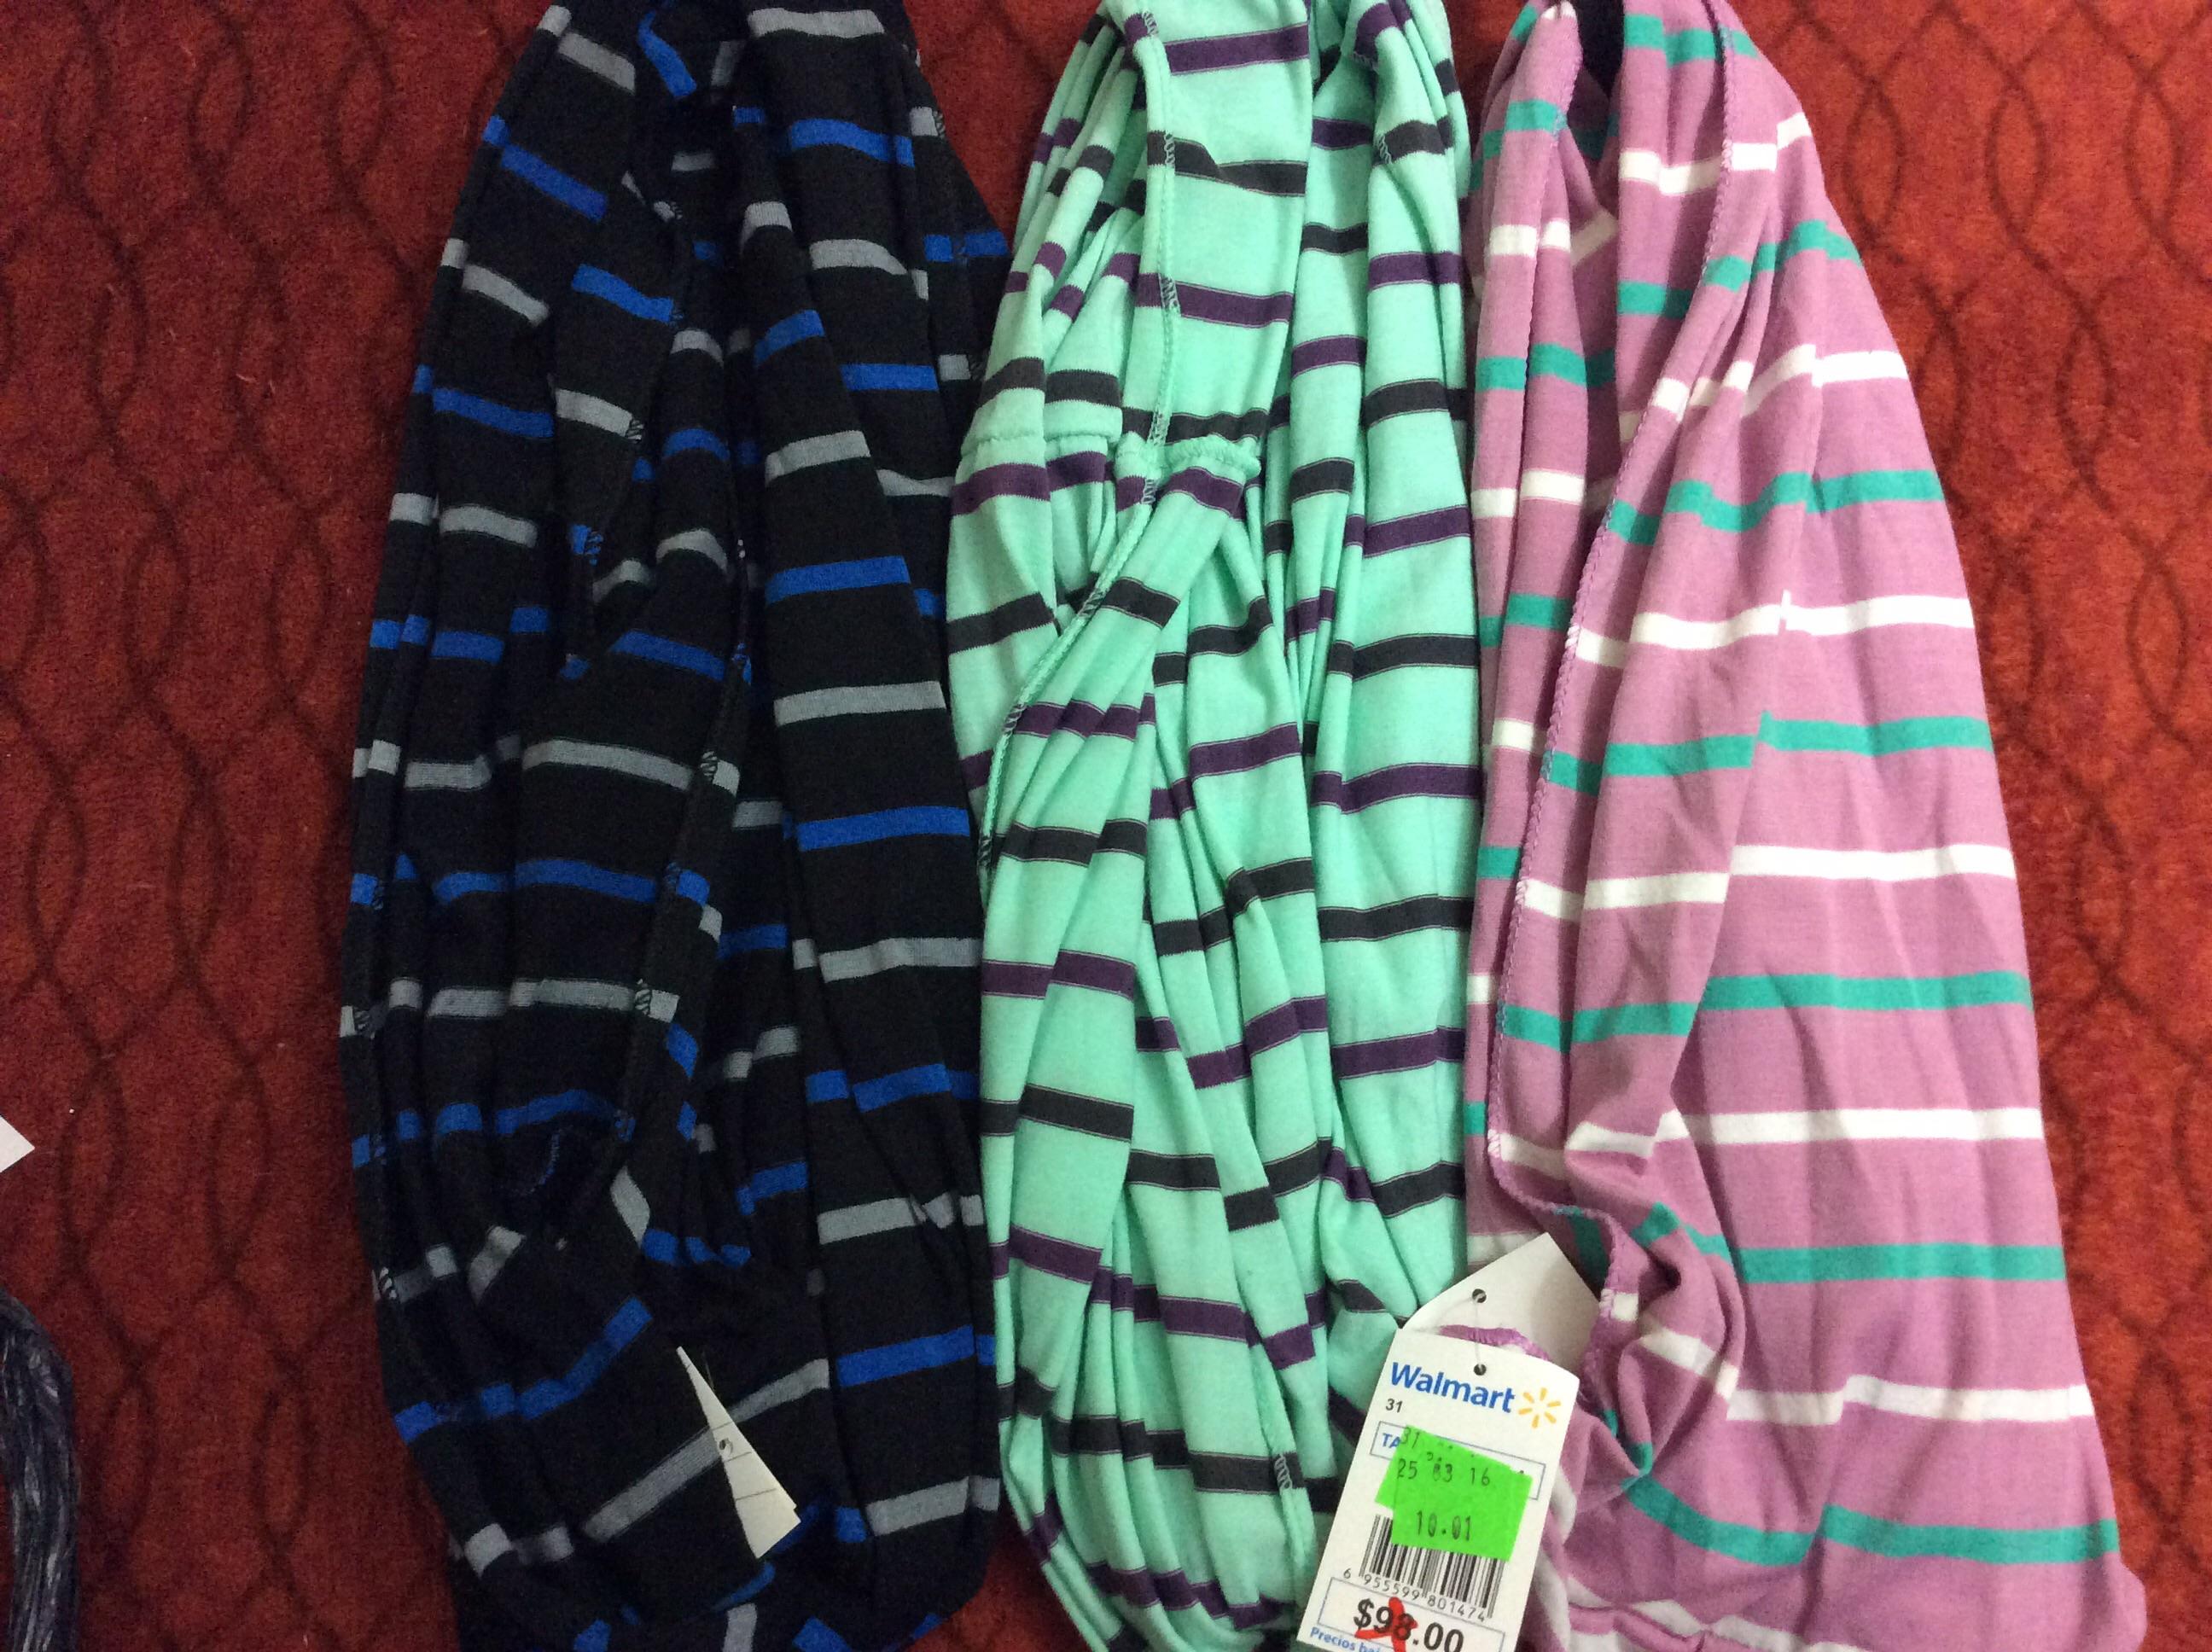 Walmart Tonalá Jalisco: bufandas circulares a $10.01